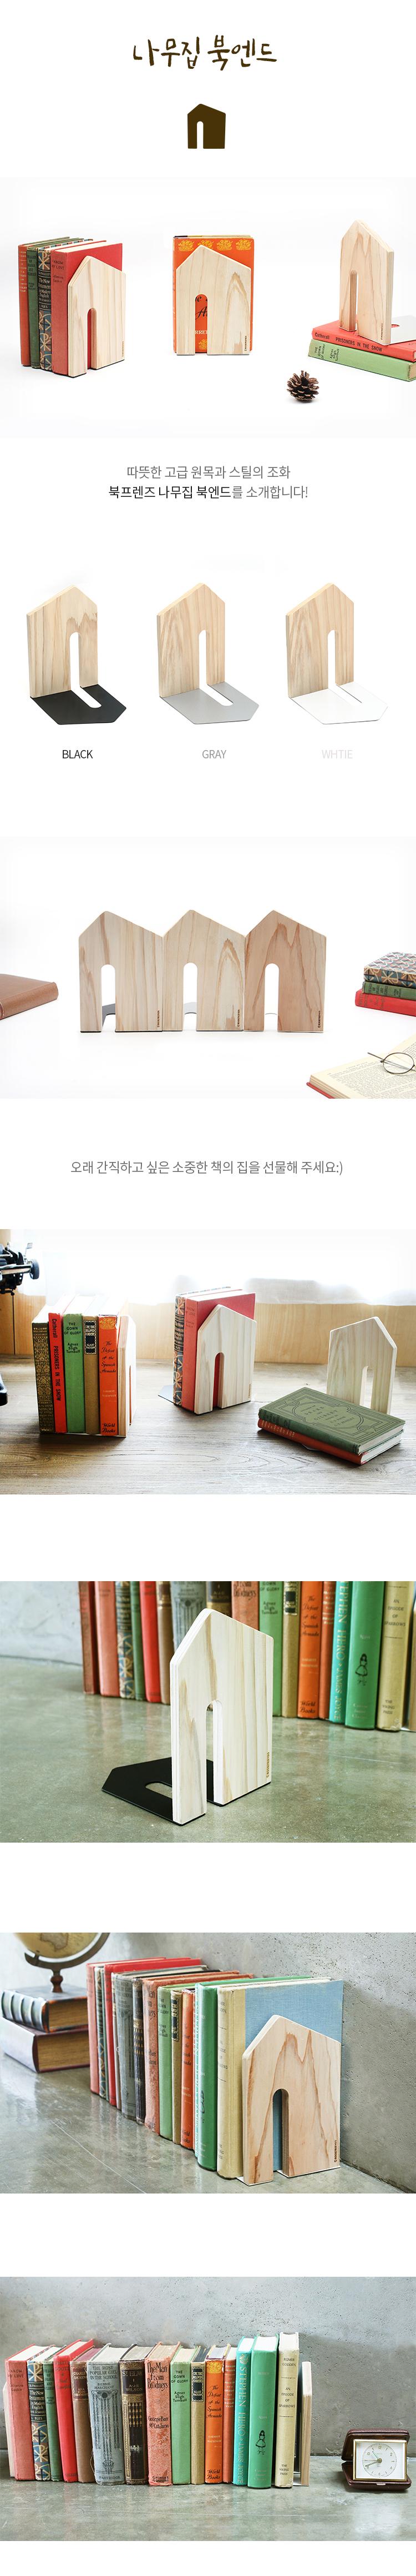 나무집 북엔드 1EA - 북프렌즈, 9,800원, 독서용품, 북앤드